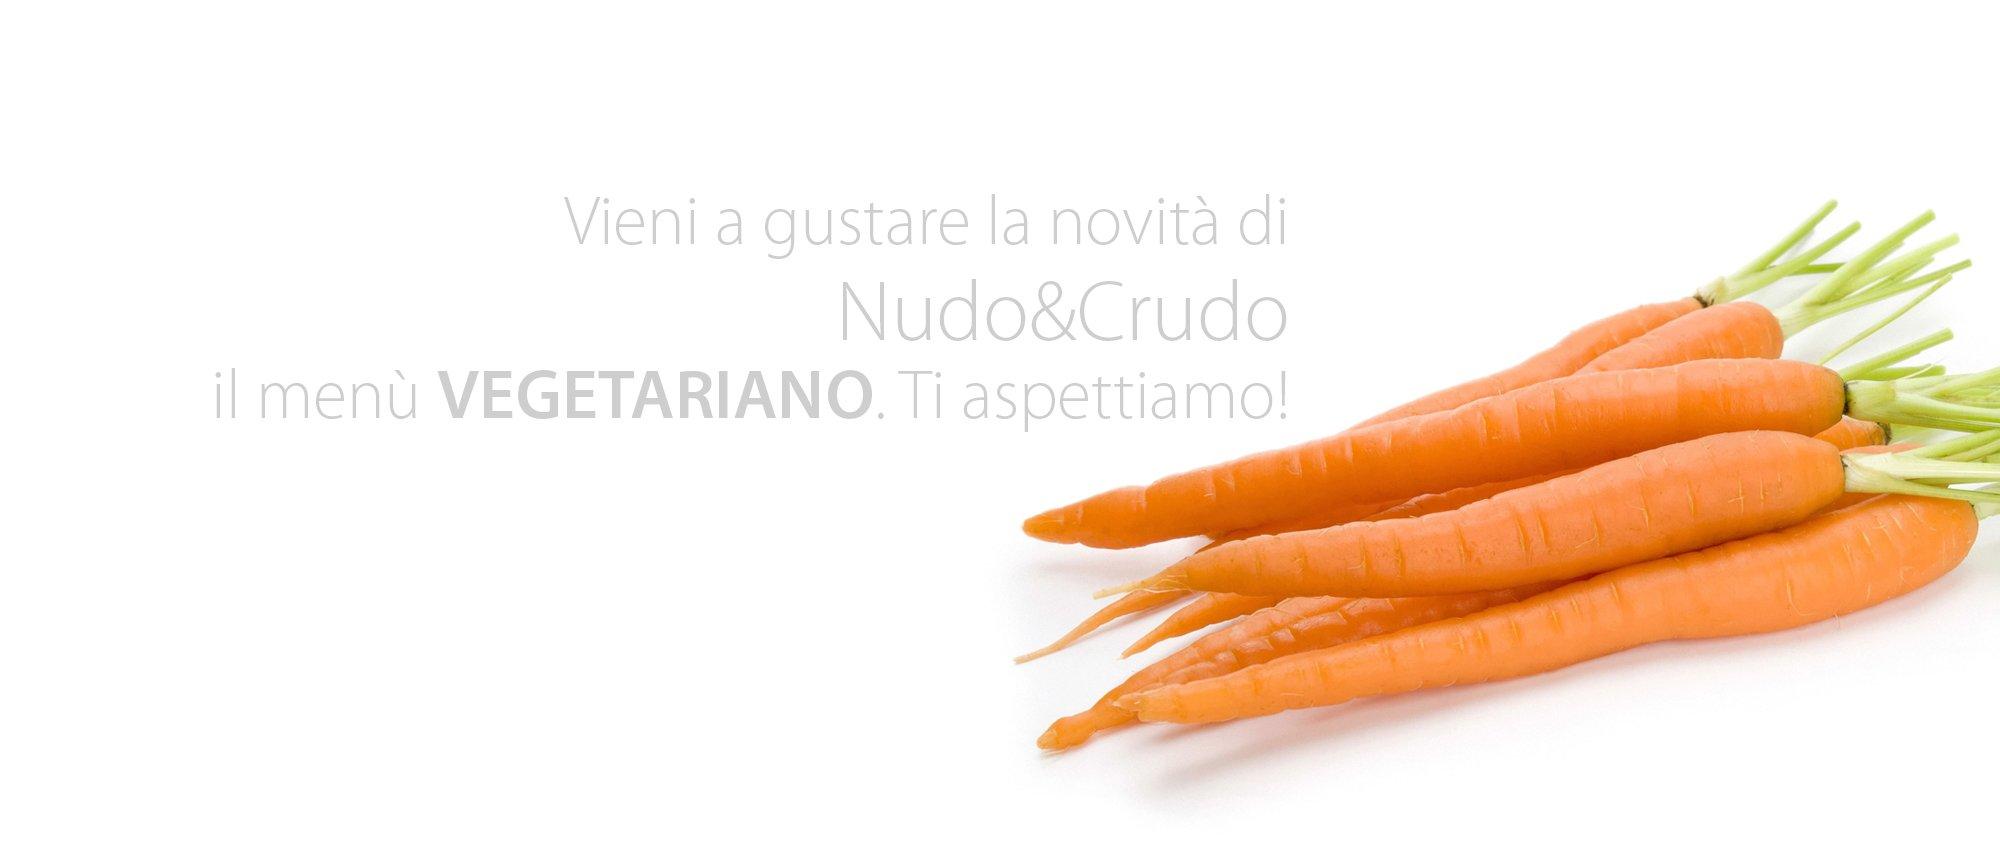 delle carote